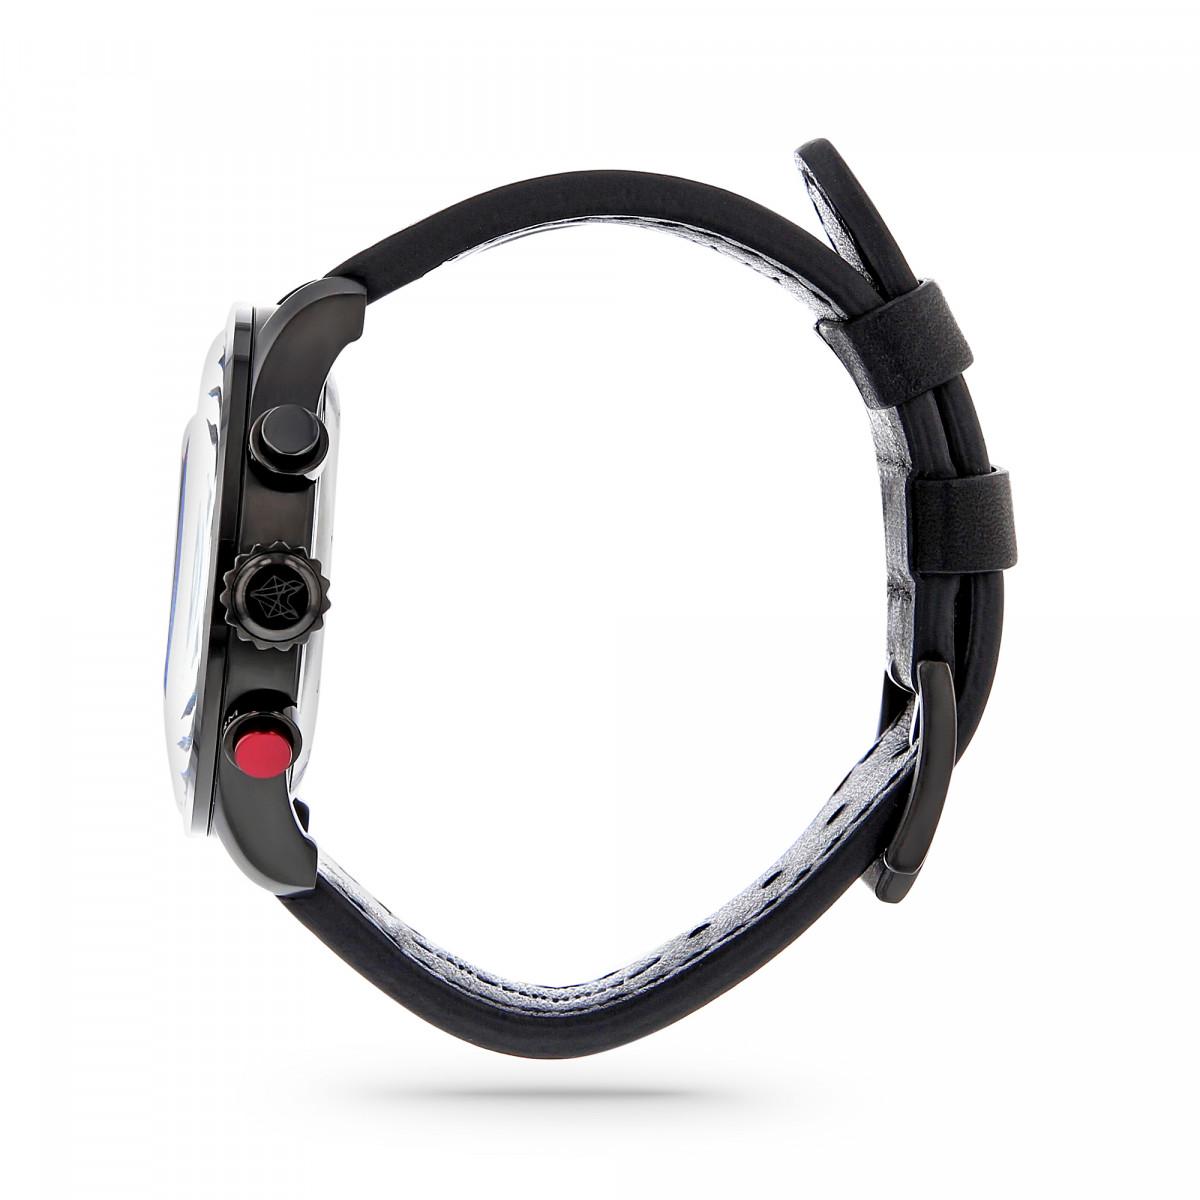 Montre Homme Foxter Avalone bracelet cuir noir, boitier PVD noir et fond noir - FR6041C1BC1